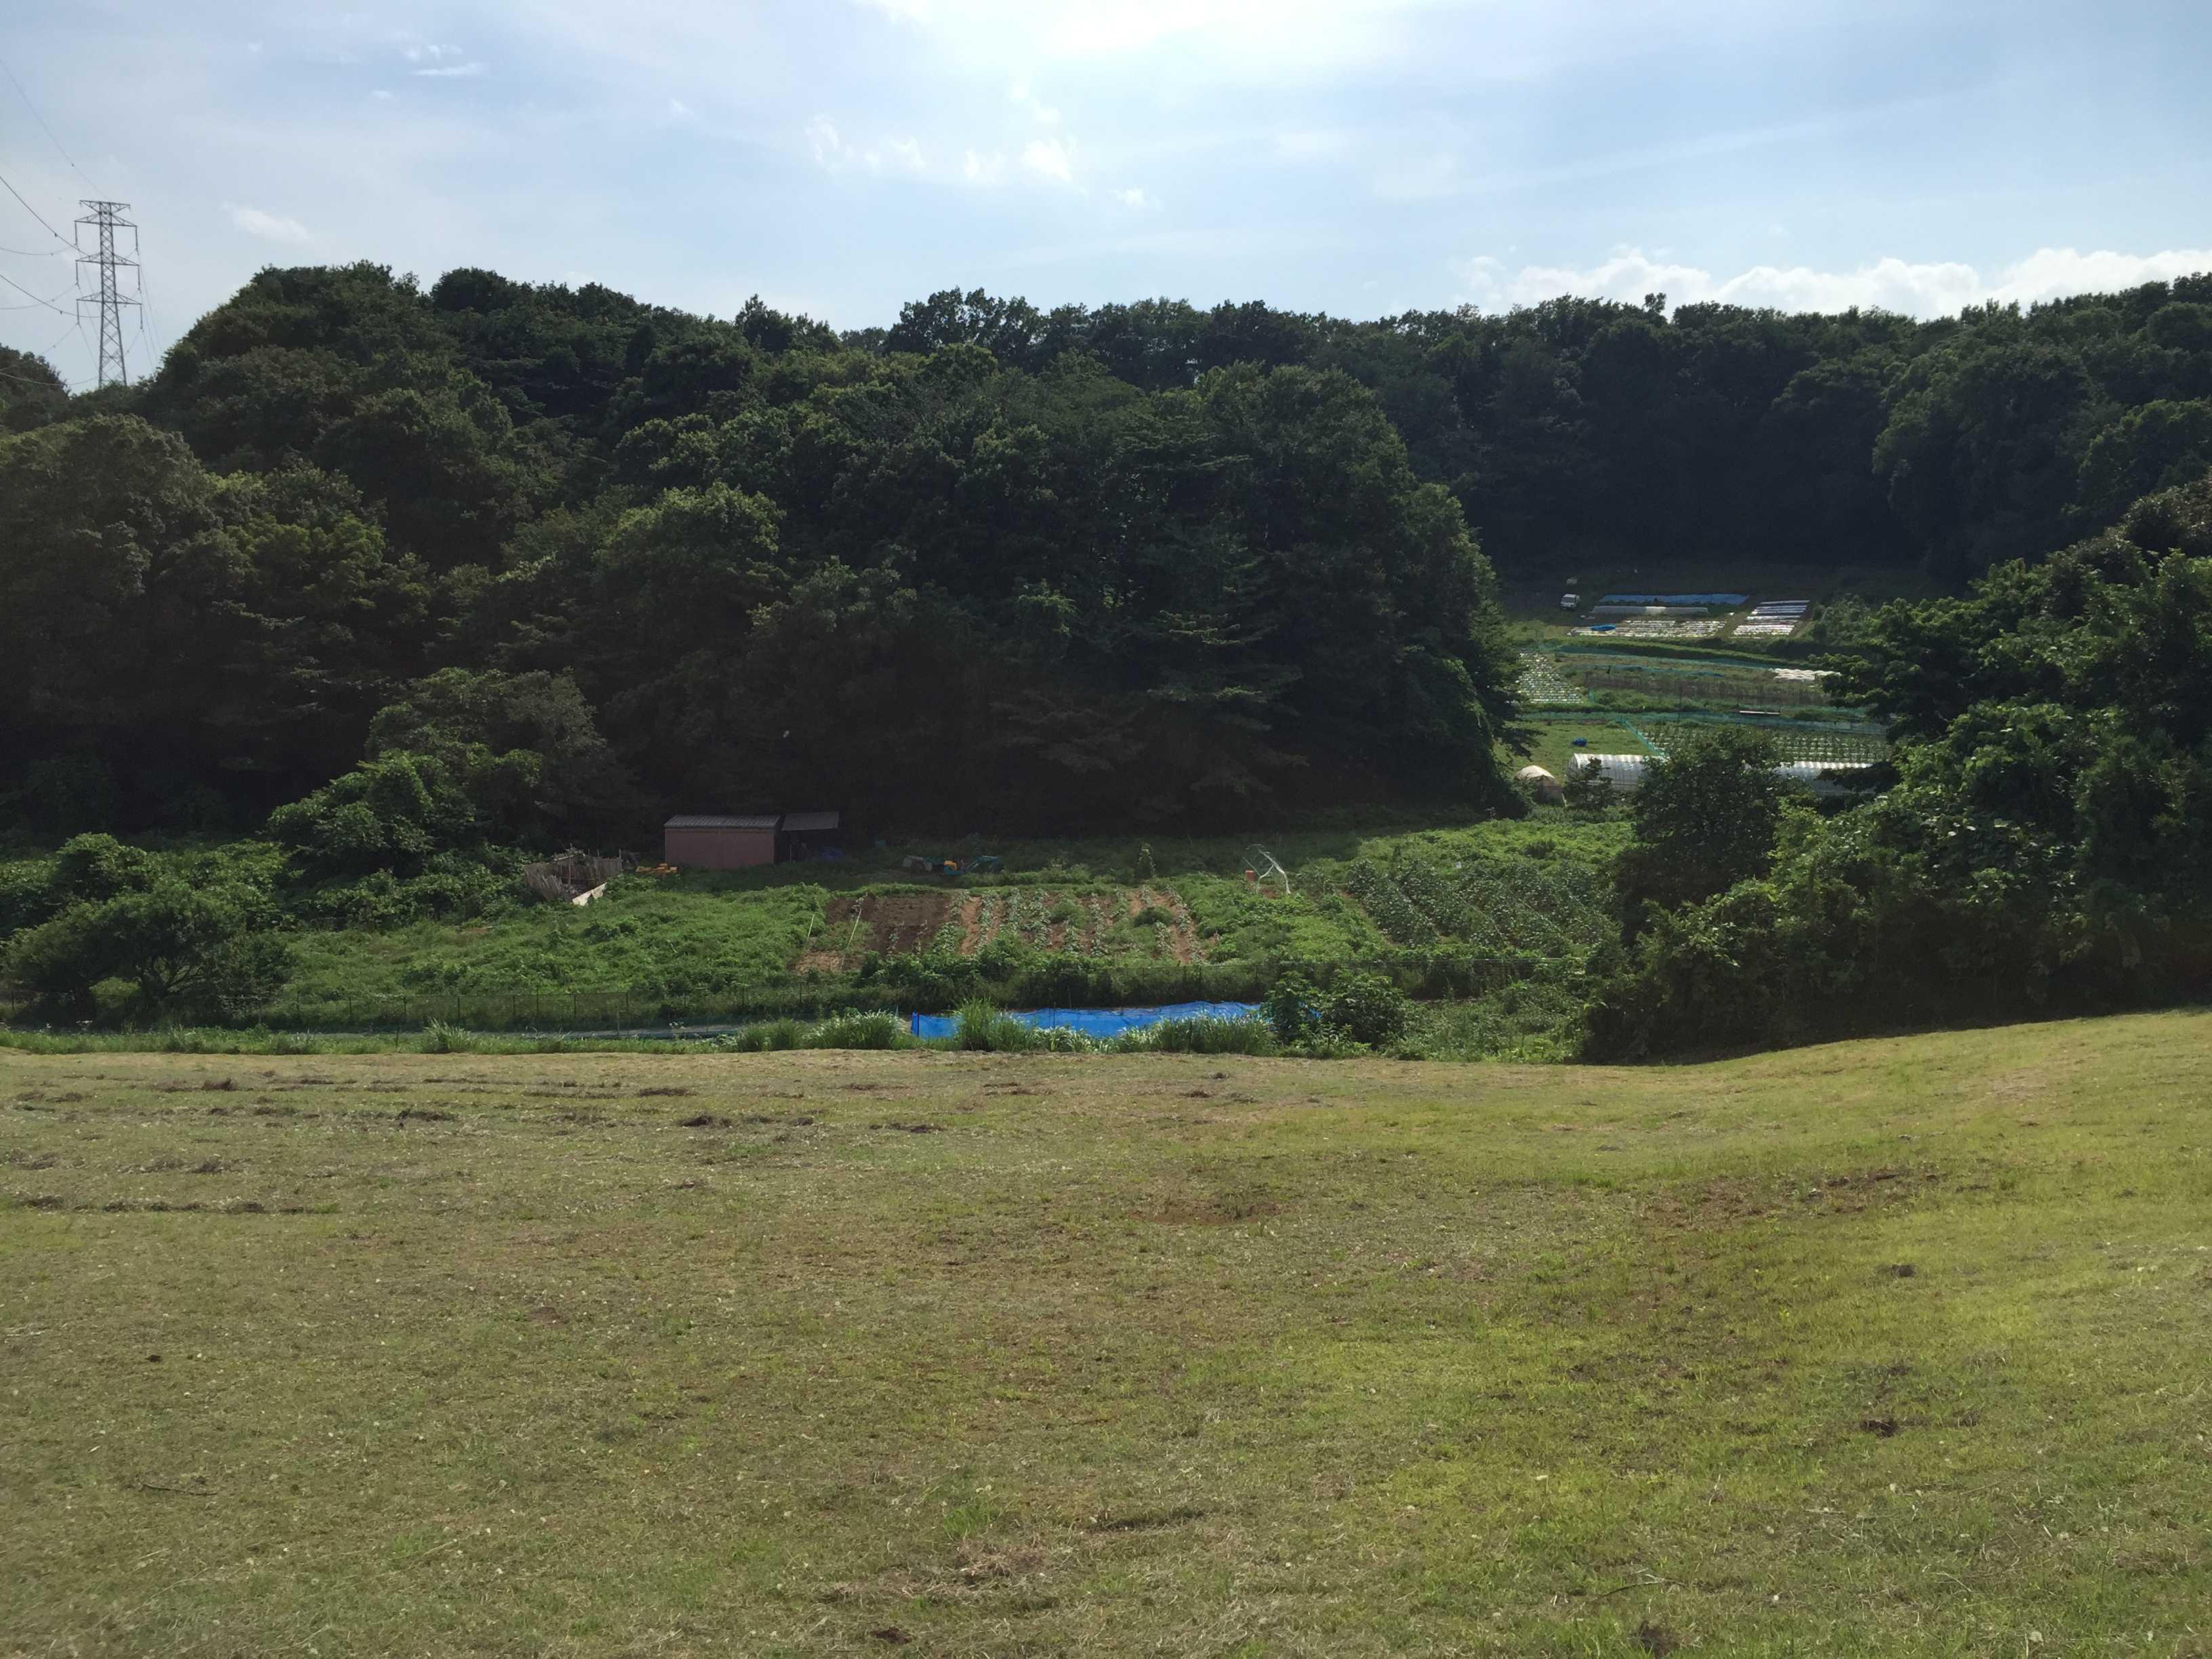 谷状の地形(谷戸/やと) - 町田市小野路町